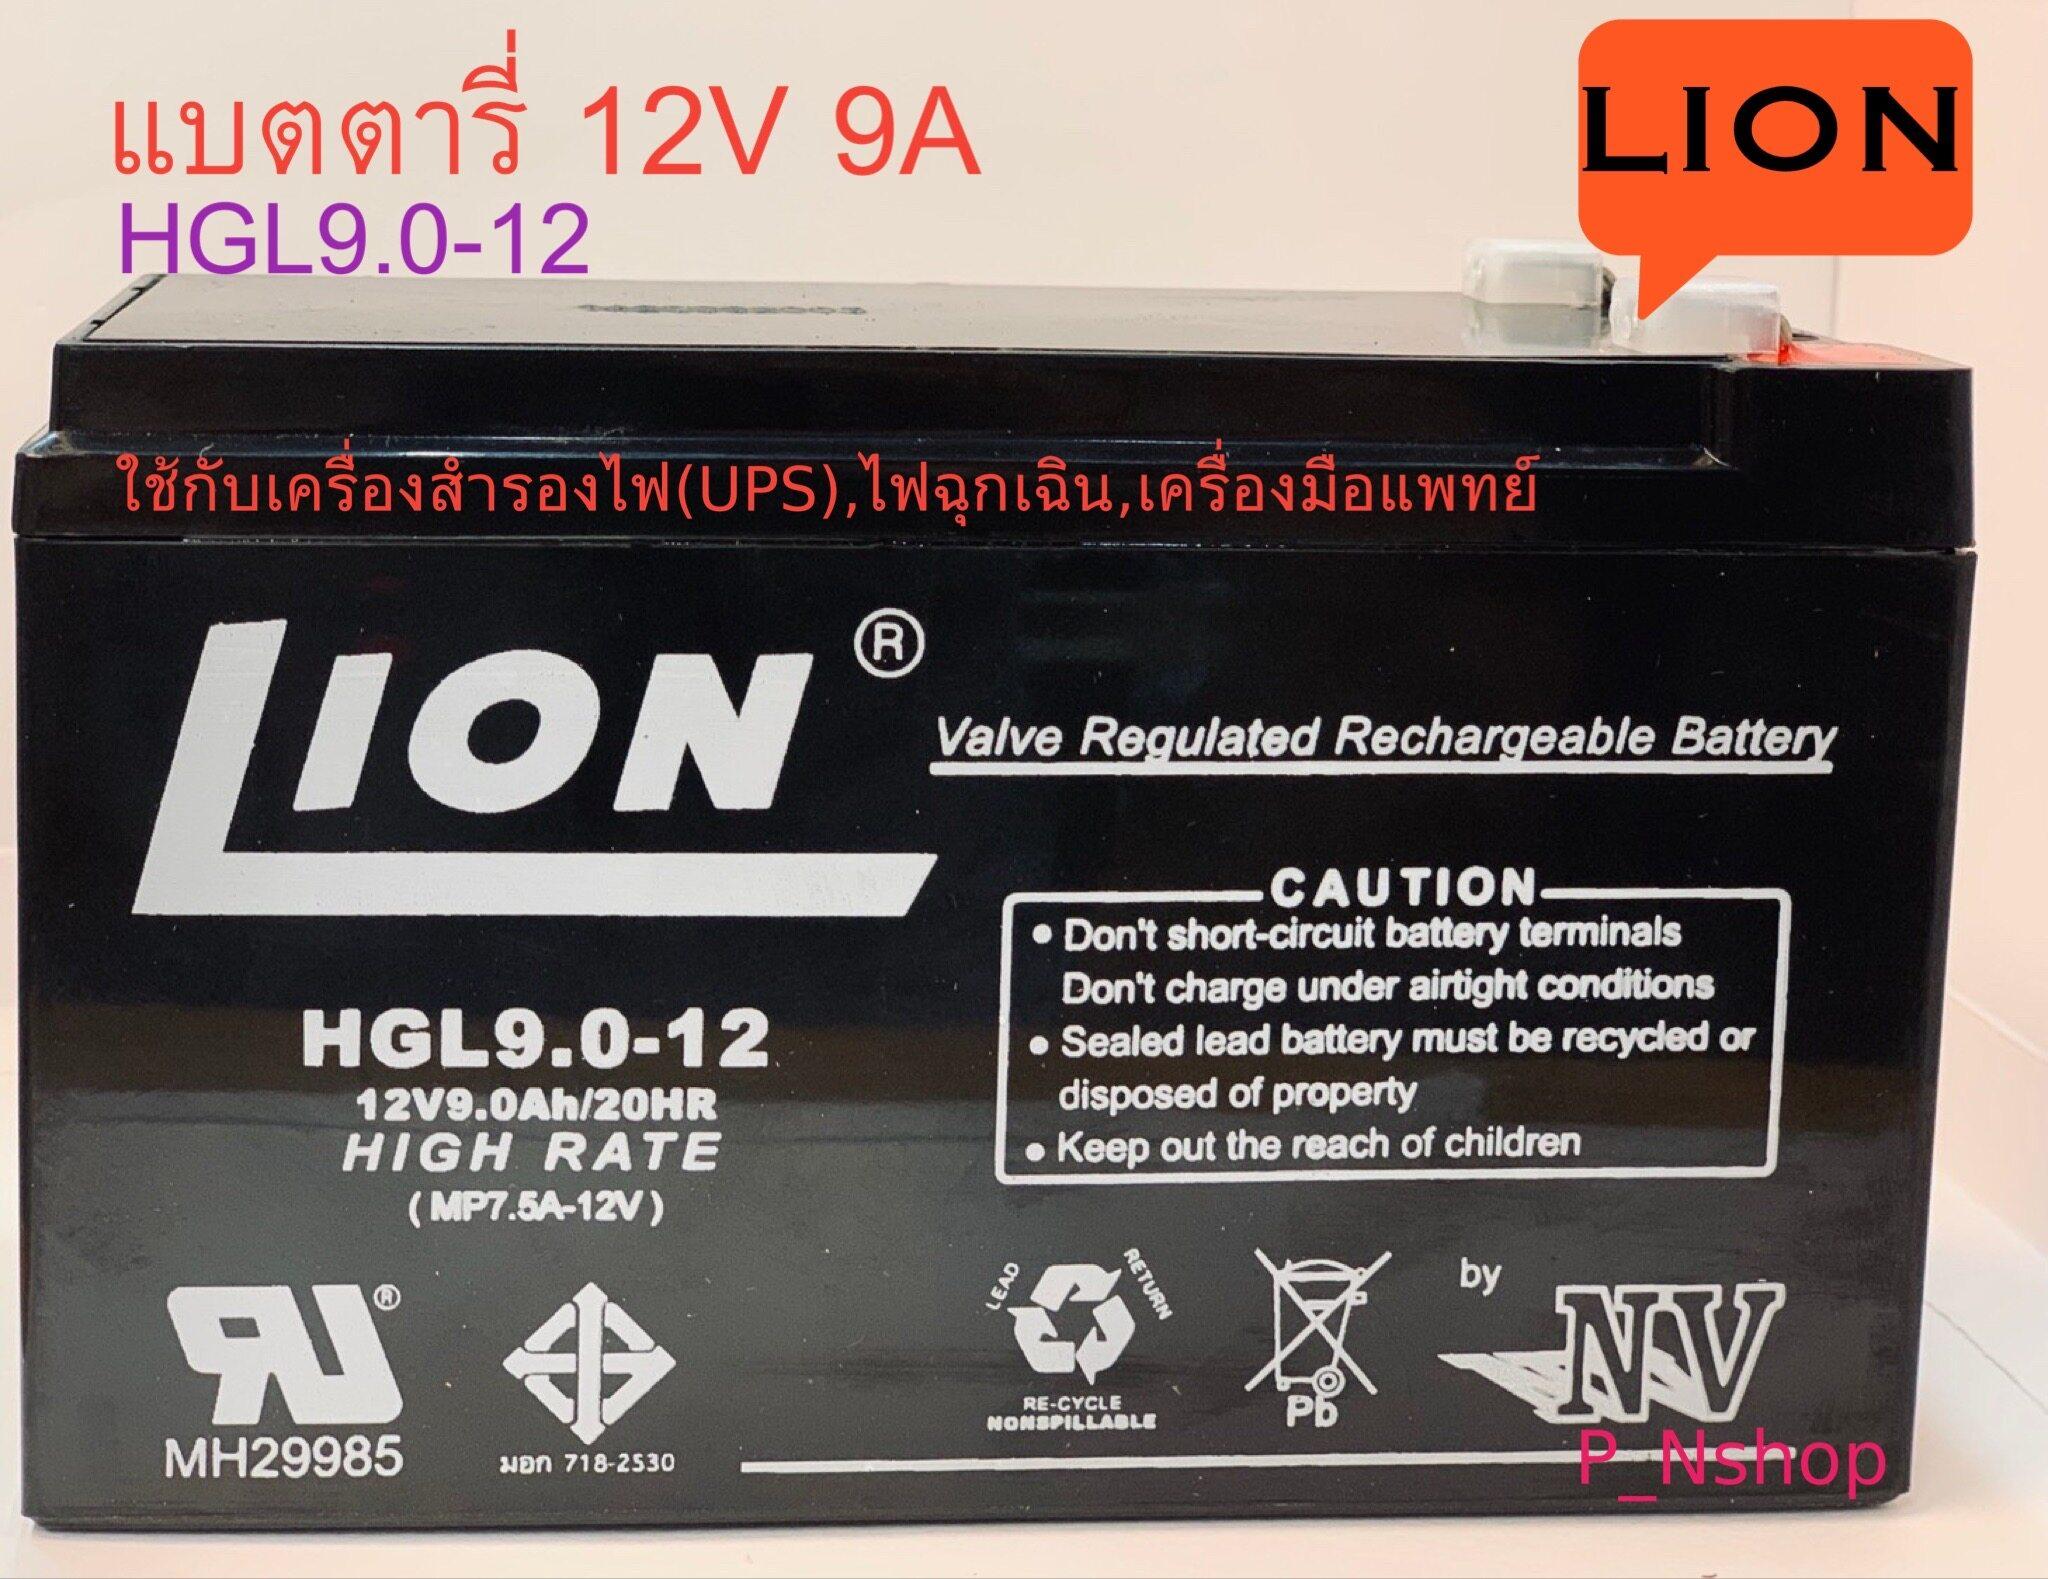 แบตเตอรี่ แห้ง 12V 9A Lion มี มอก.(6.5X15.1x10.1 cm)